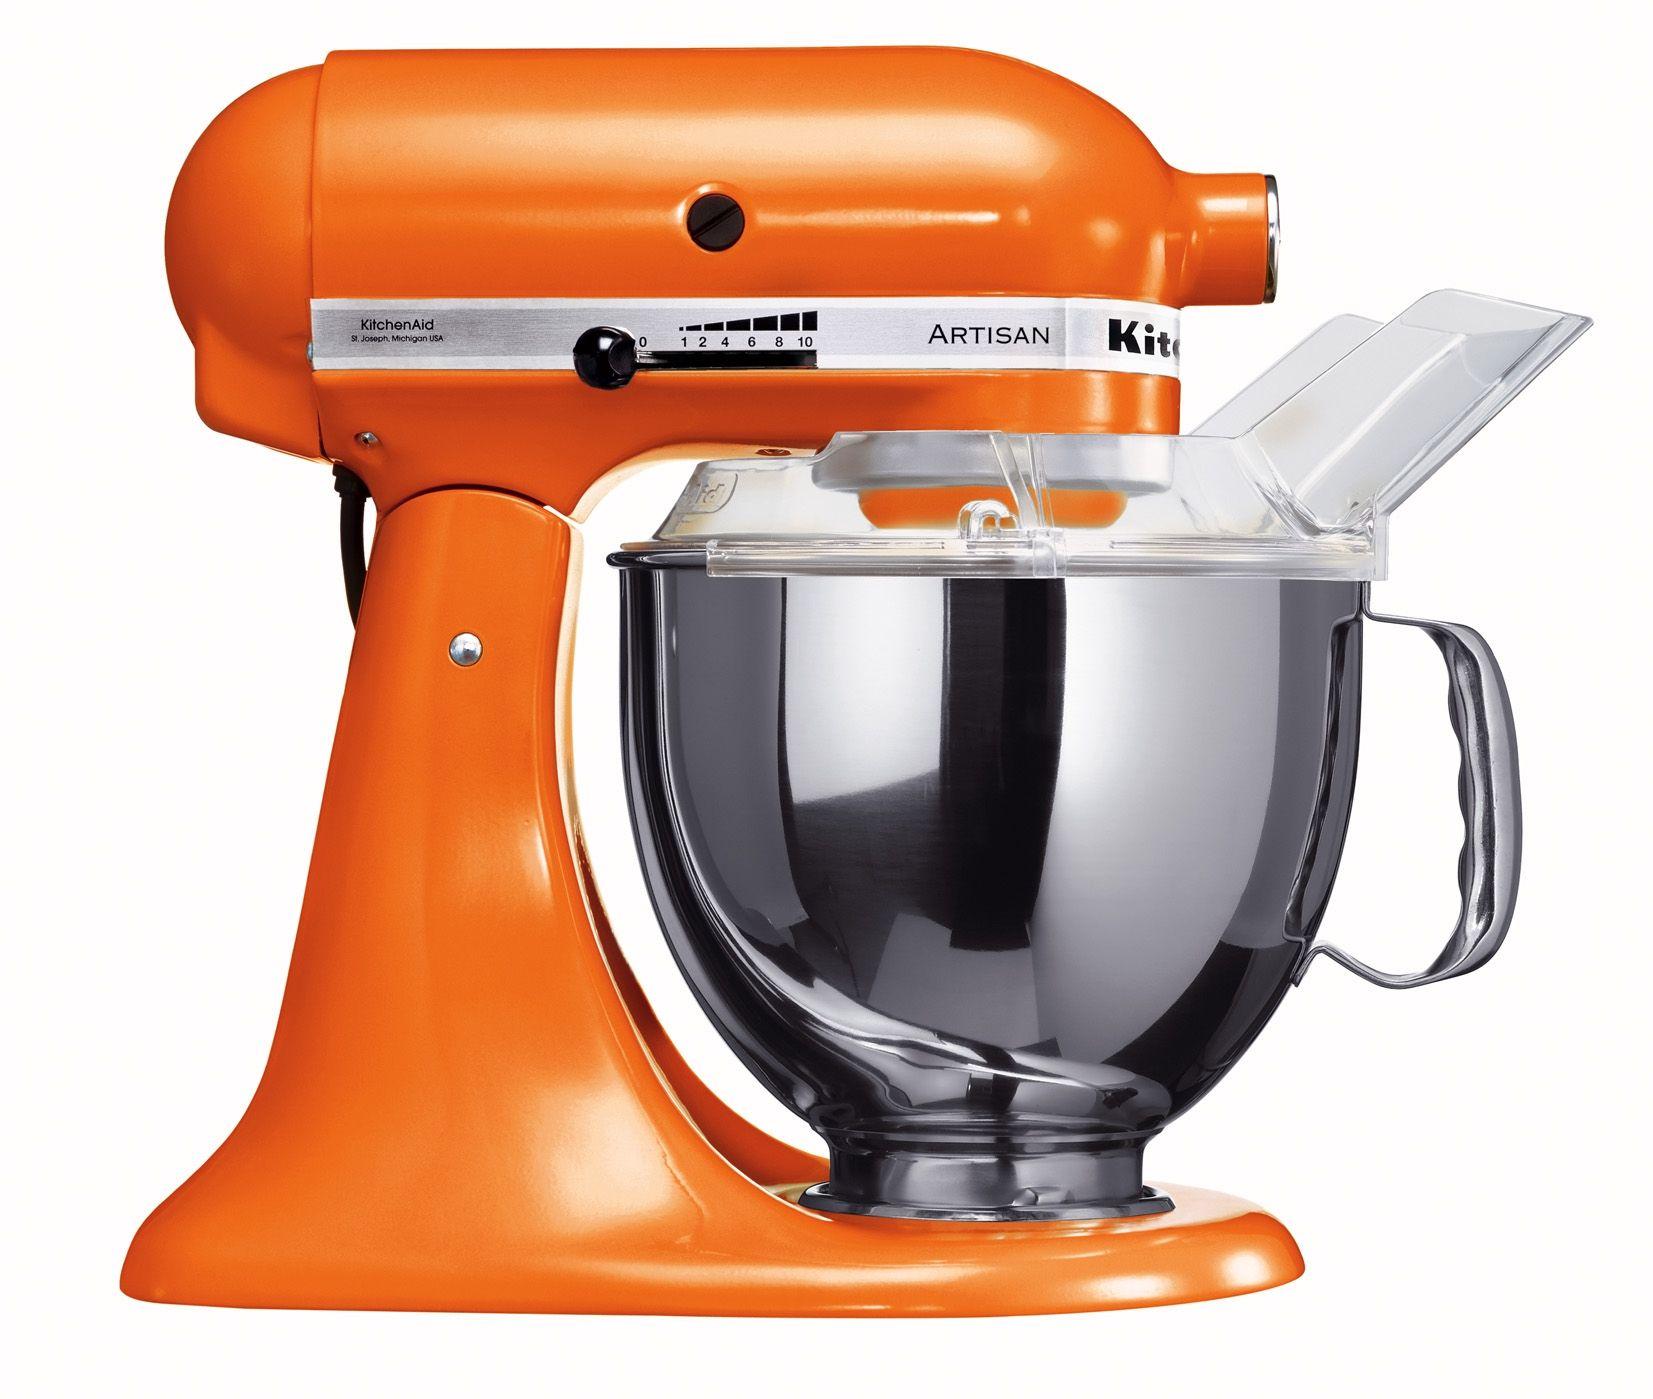 kitchenaid mixer orange juicer attachment